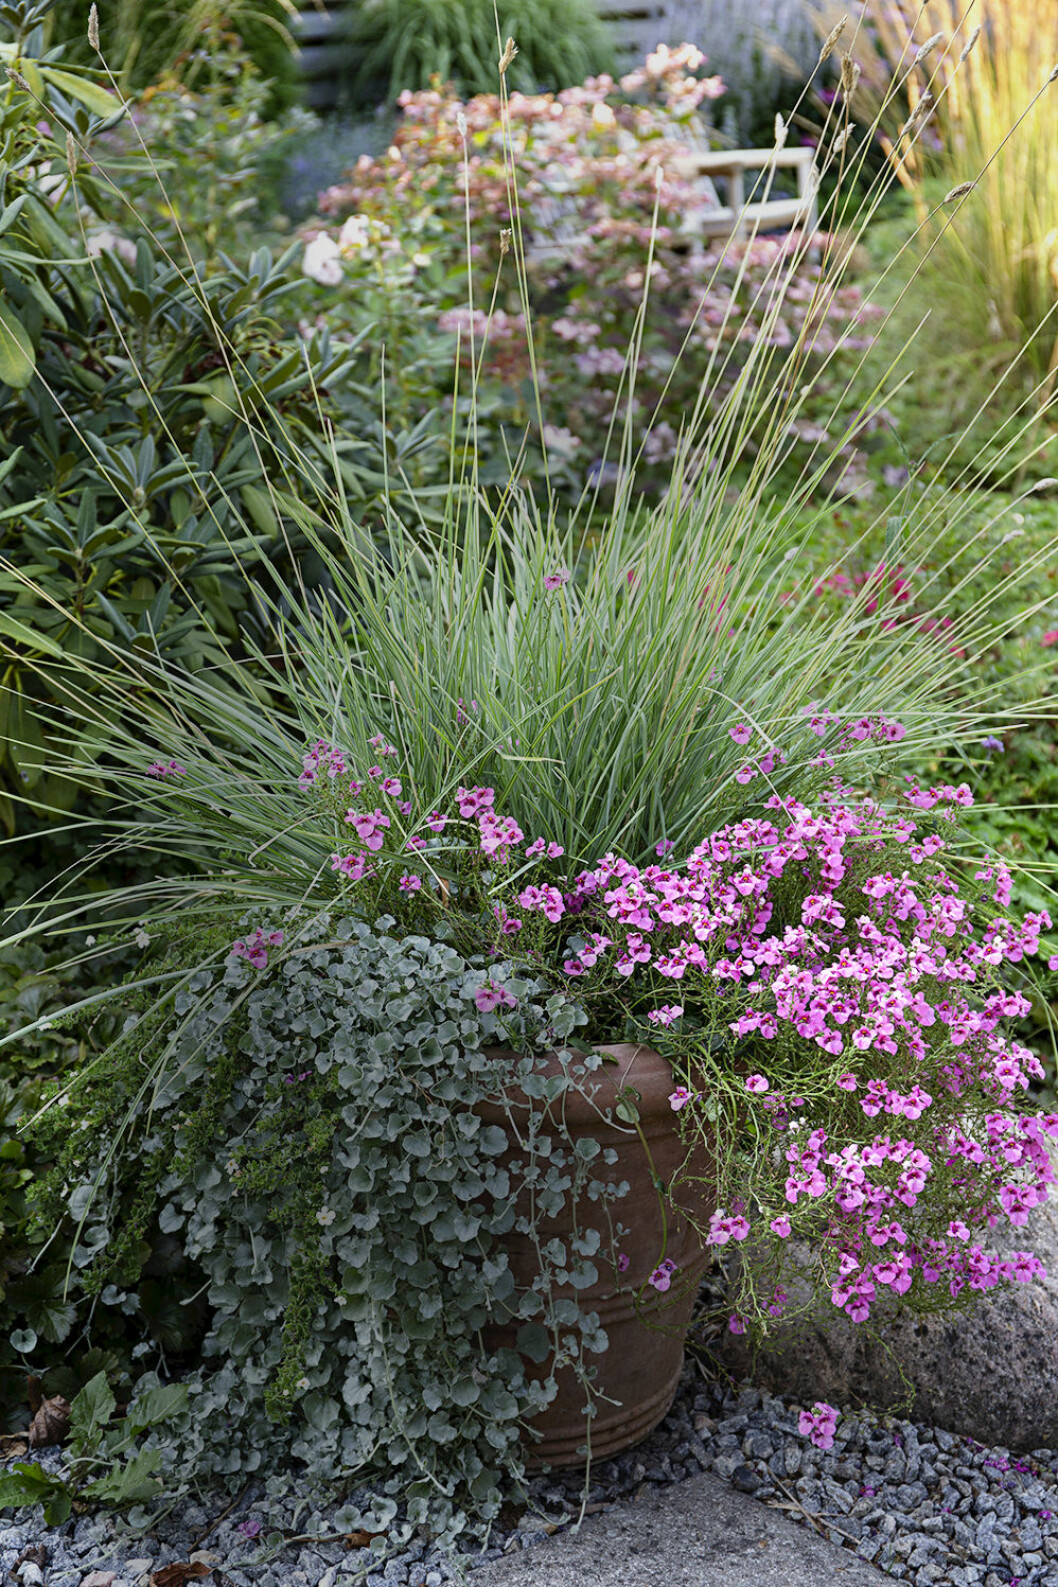 Gräs i kruka är en hit! I krukan står vårälväxing, Sesleria nitida, tvillingsporre, Diascia, och silvernjurvinda, Dichondra, 'Silver Falls'.